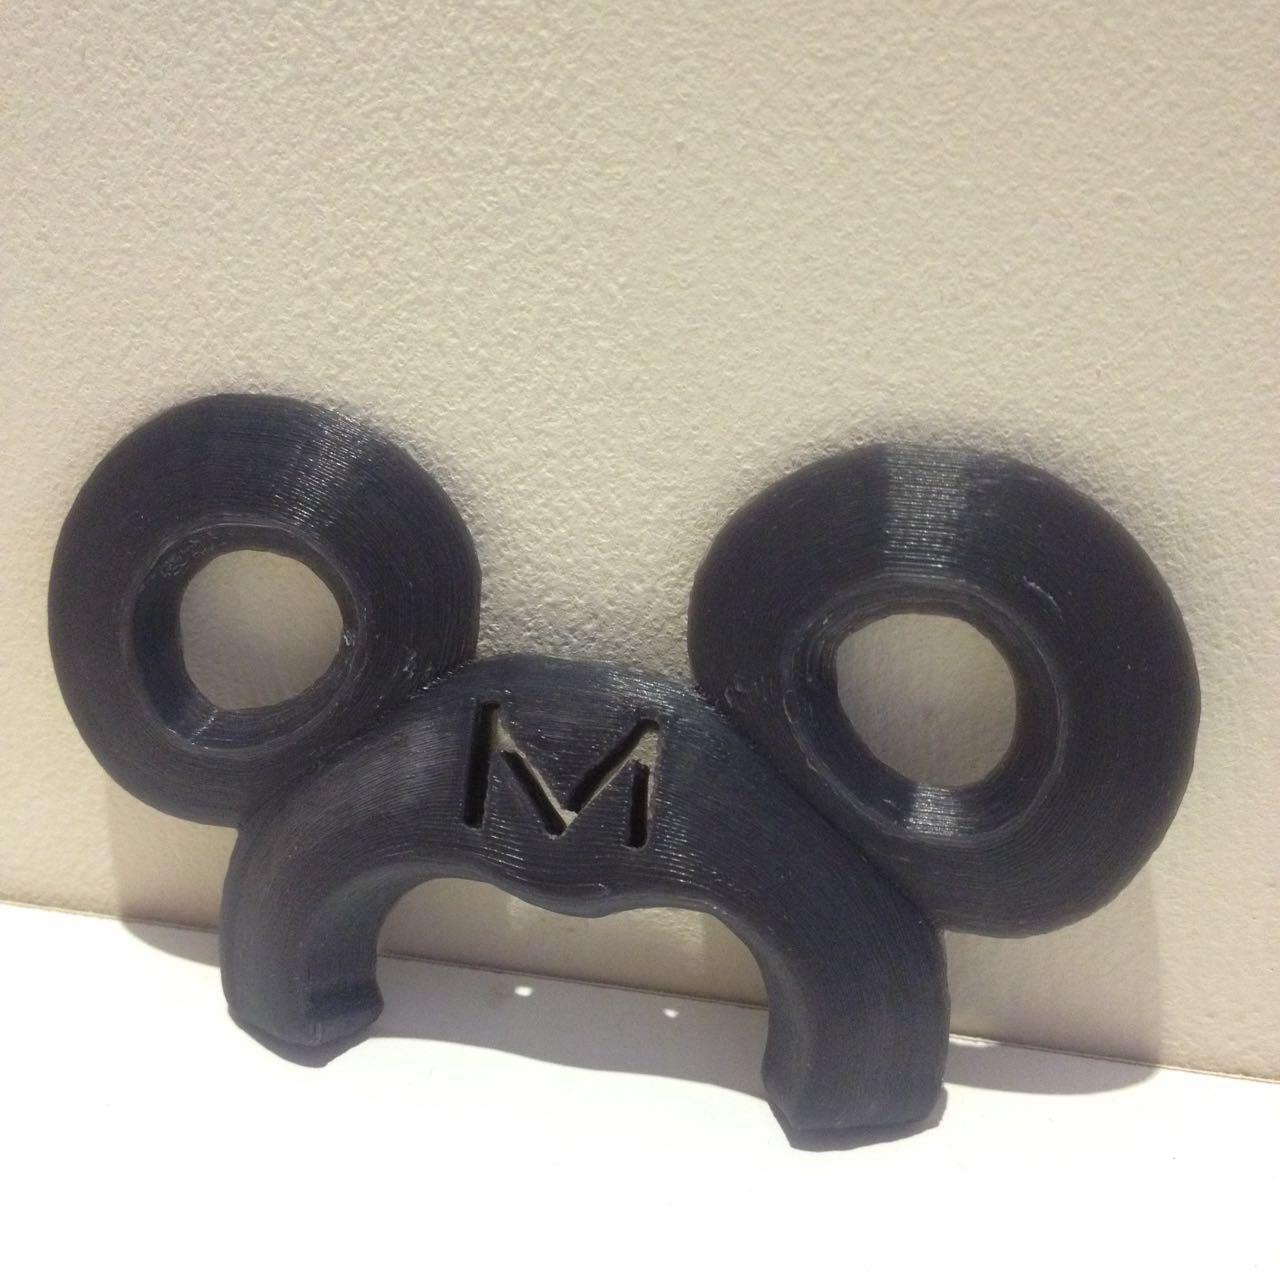 米奇概念标志3D打印模型,米奇概念标志3D模型下载,3D打印米奇概念标志模型下载,米奇概念标志3D模型,米奇概念标志STL格式文件,米奇概念标志3D打印模型免费下载,3D打印模型库